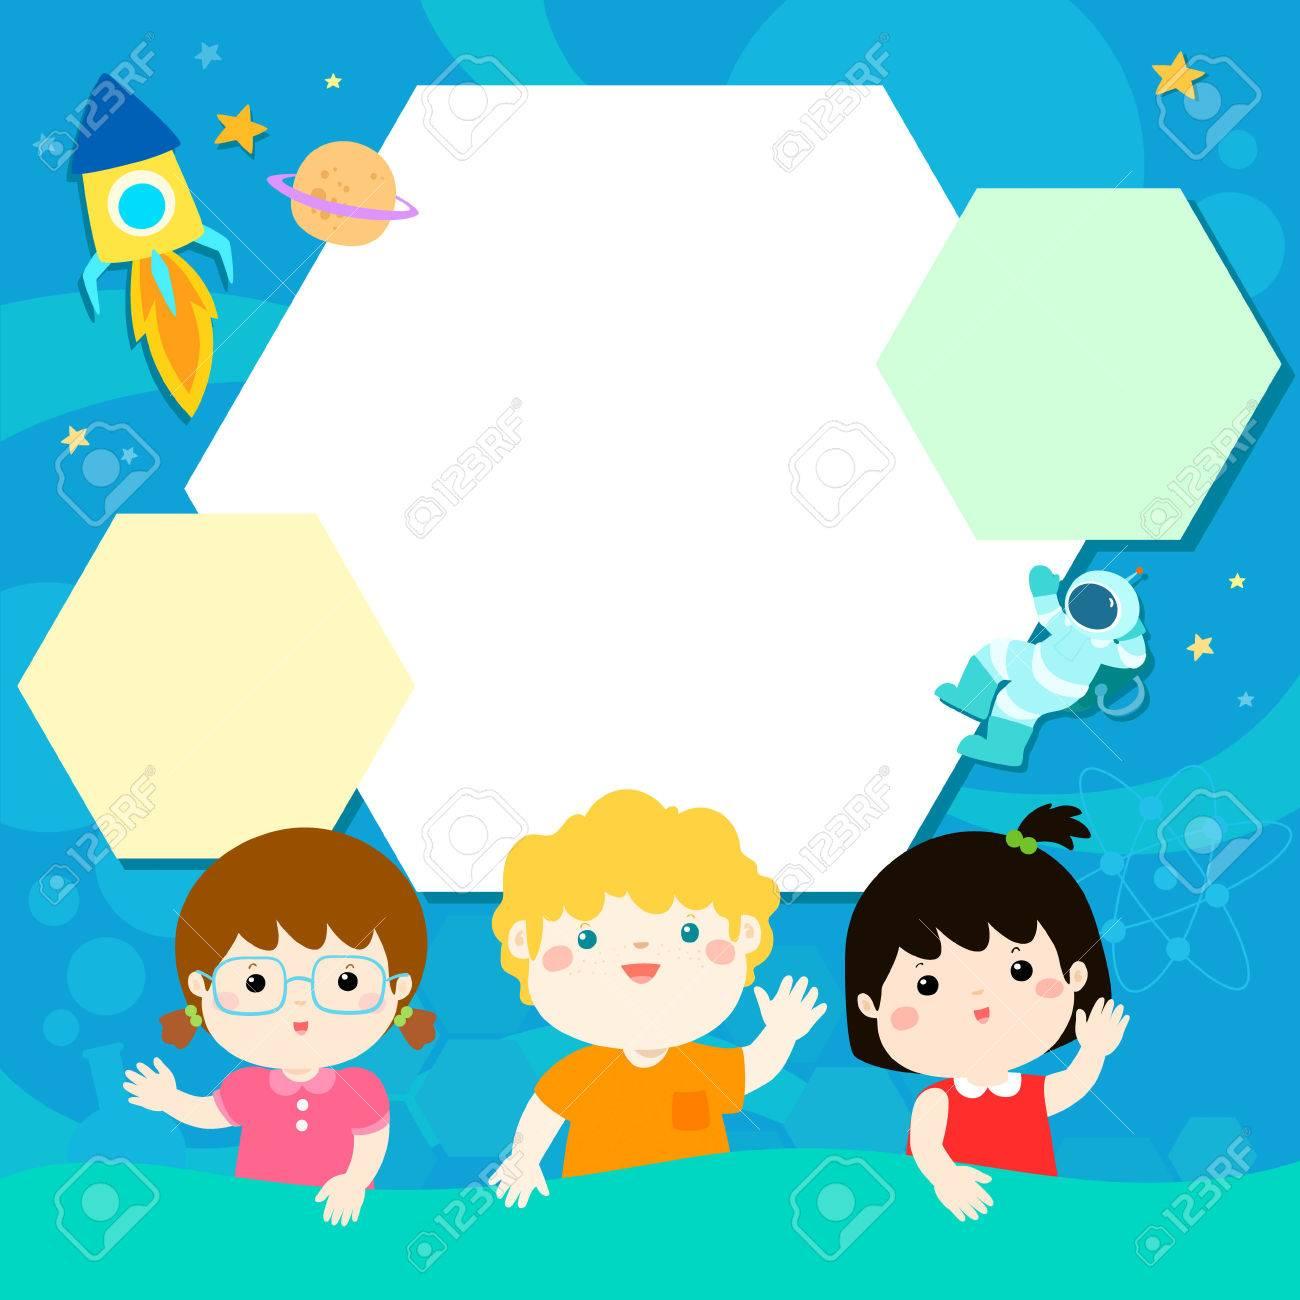 Niños Felices En La Ilustración Del Universo Plantilla De Vectores ...